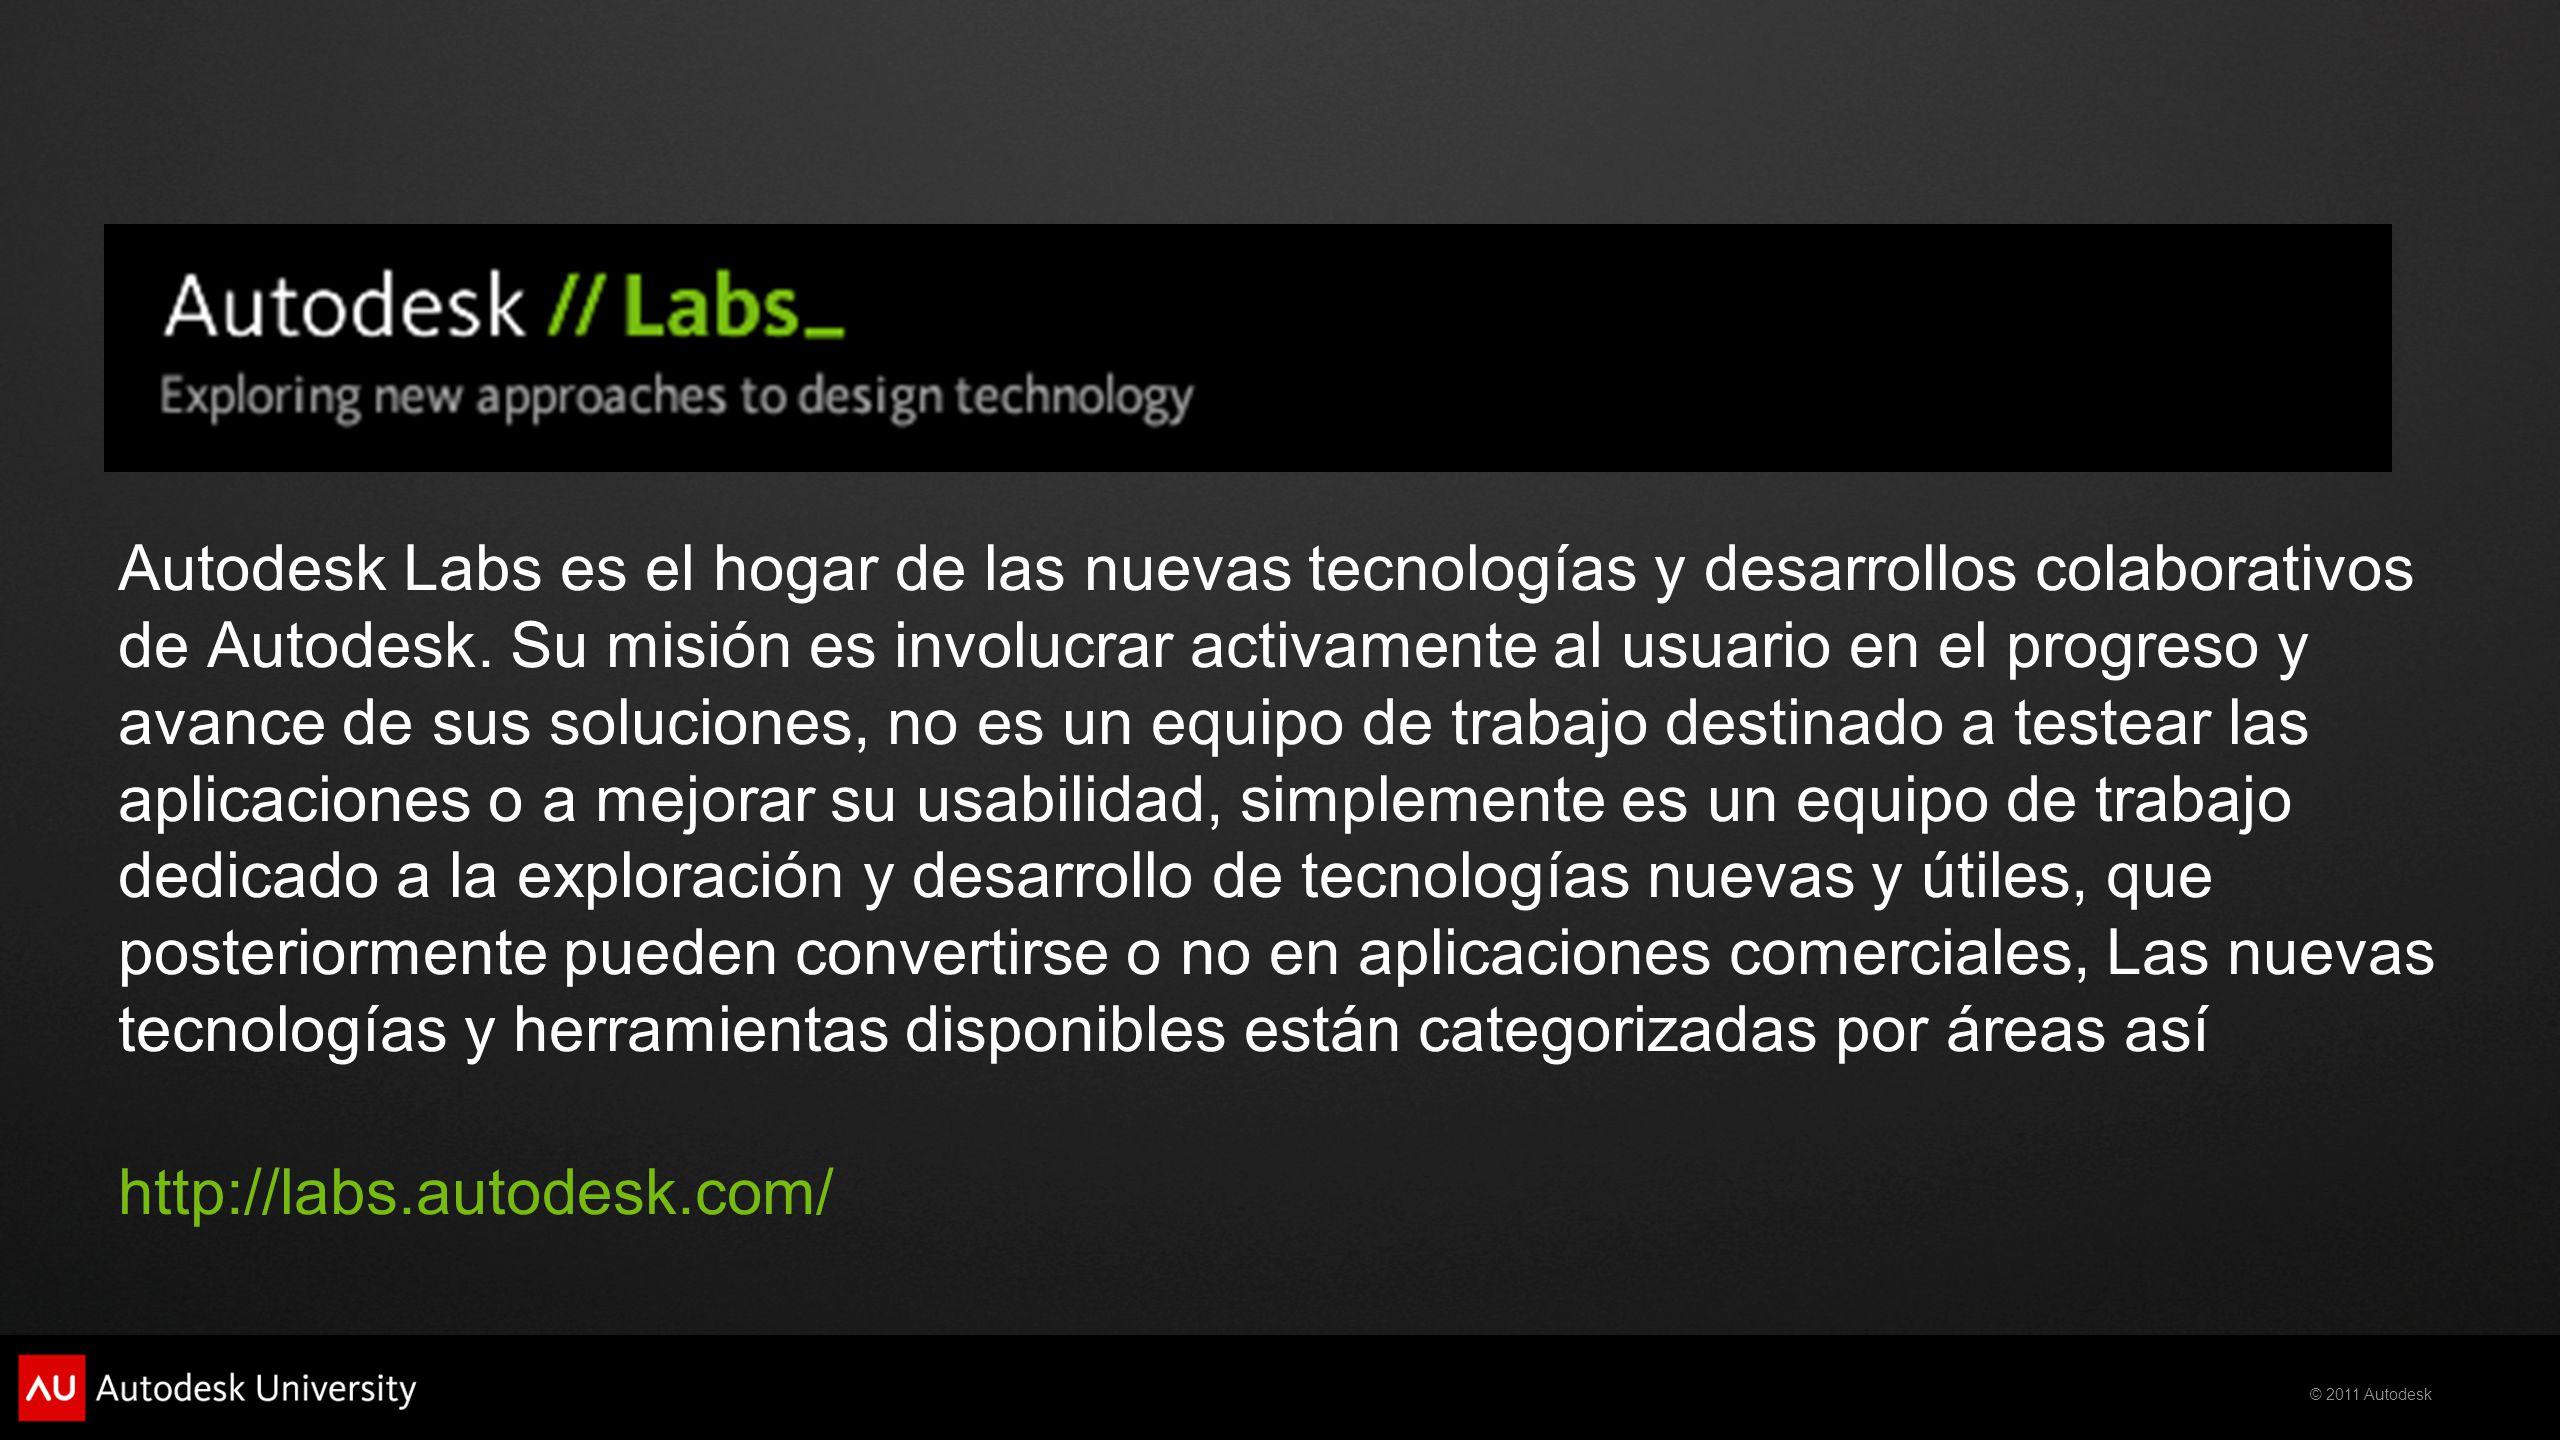 Autodesk Labs es el hogar de las nuevas tecnologías y desarrollos colaborativos de Autodesk. Su misión es involucrar activamente al usuario en el progreso y avance de sus soluciones, no es un equipo de trabajo destinado a testear las aplicaciones o a mejorar su usabilidad, simplemente es un equipo de trabajo dedicado a la exploración y desarrollo de tecnologías nuevas y útiles, que posteriormente pueden convertirse o no en aplicaciones comerciales, Las nuevas tecnologías y herramientas disponibles están categorizadas por áreas así